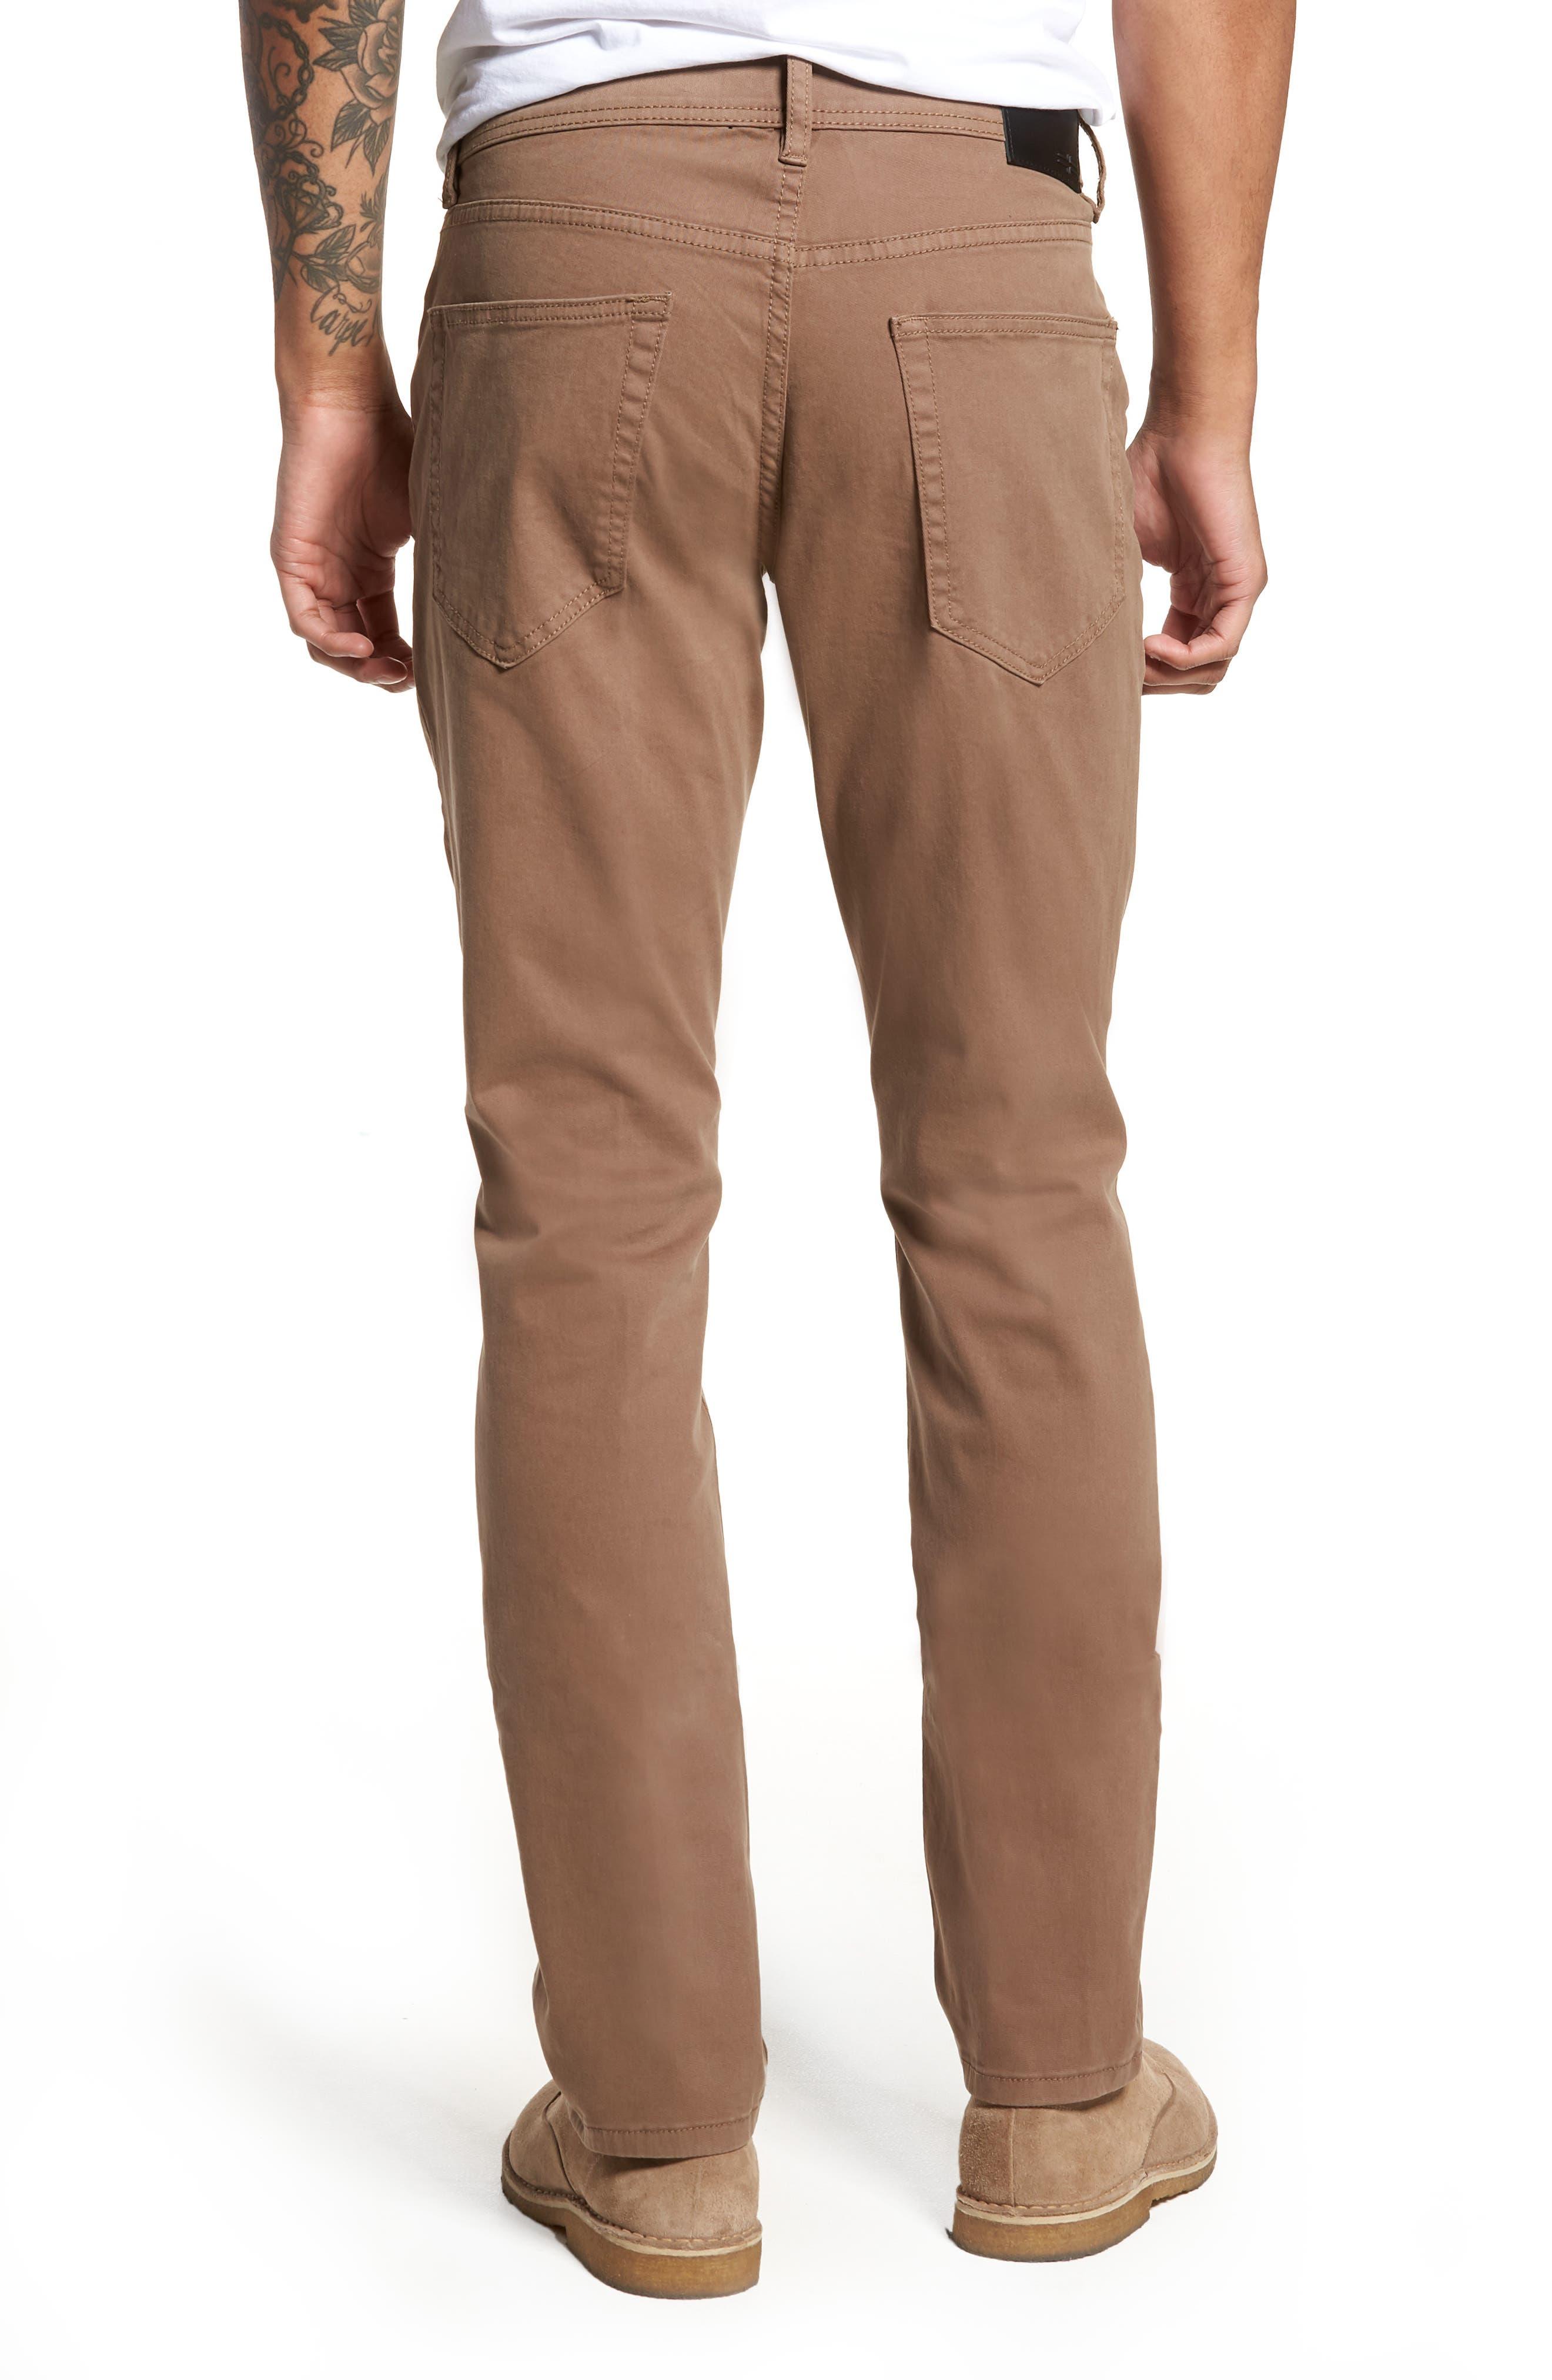 Jeans Co. Kingston Slim Straight Leg Jeans,                             Alternate thumbnail 2, color,                             CUB